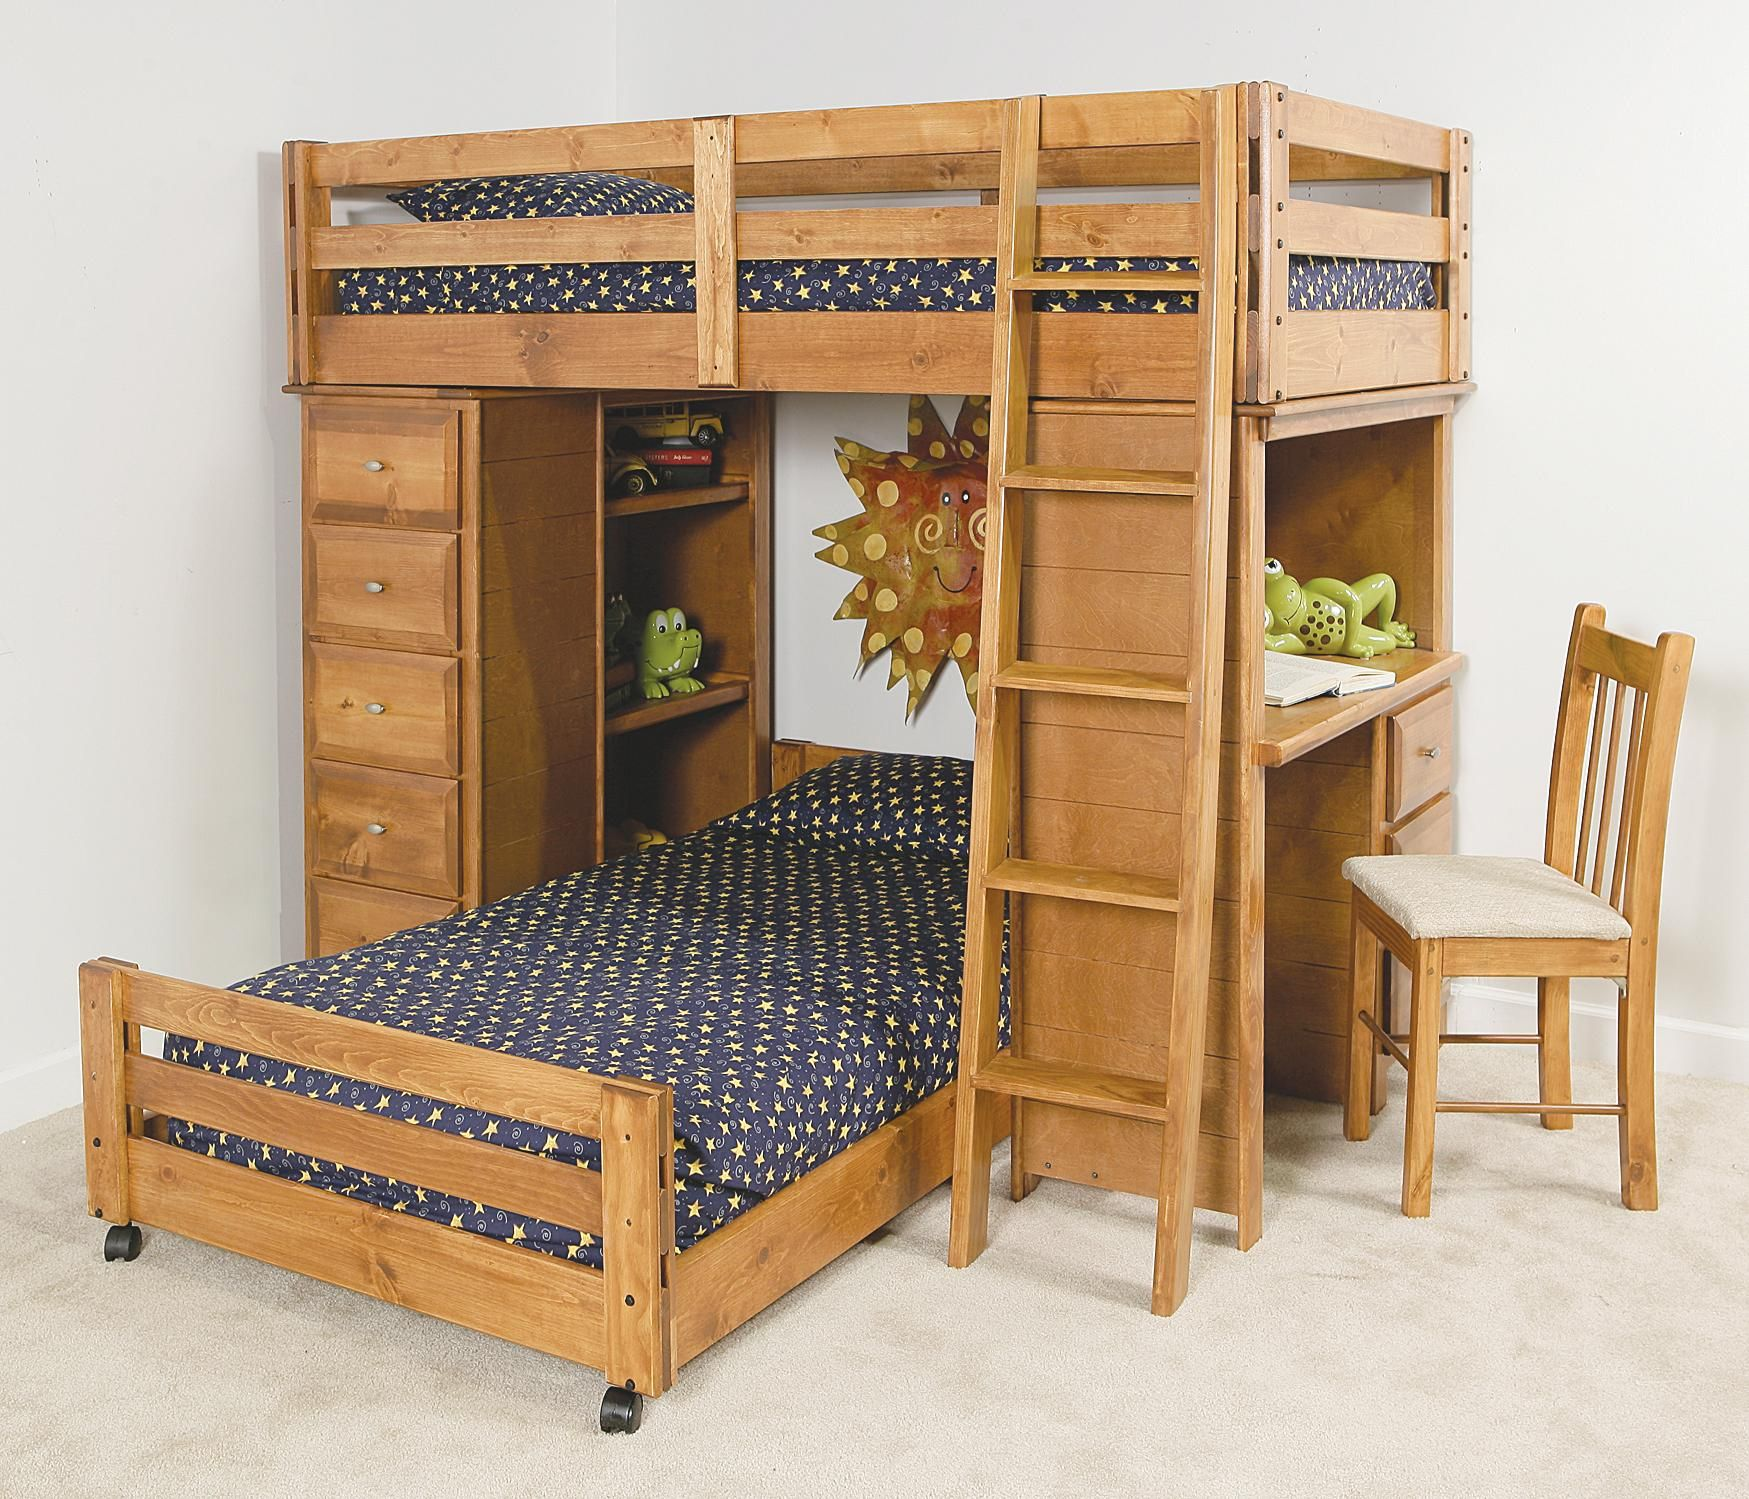 Pine loft bed with desk  Pine Loft Bed with Desk  Living Room Wall Decor Sets Check more at